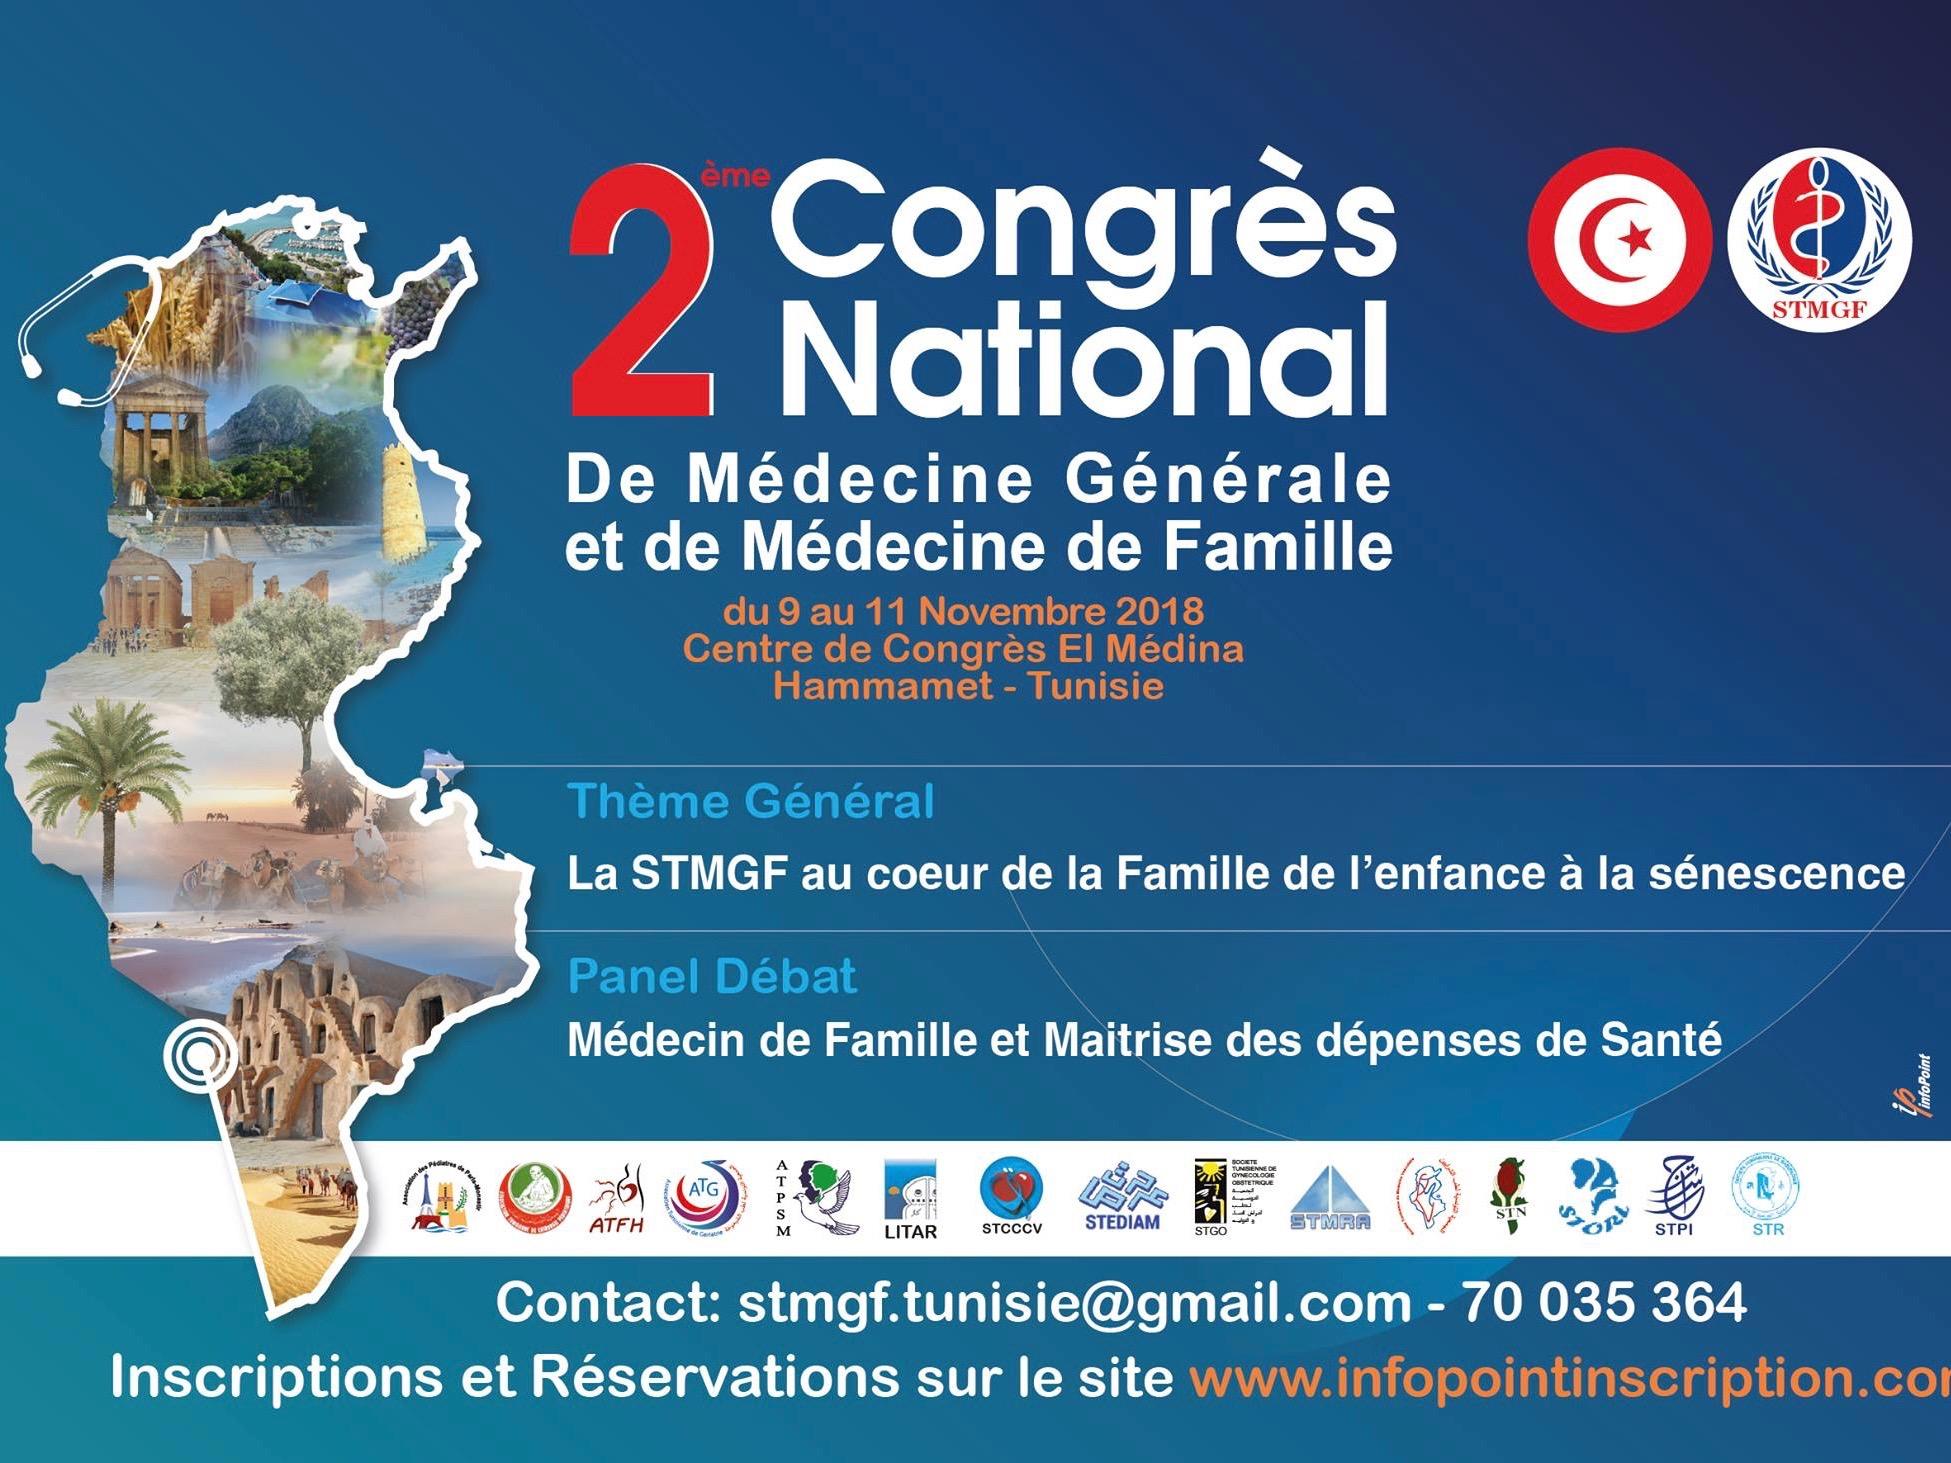 Congres National Médecine générale 2018